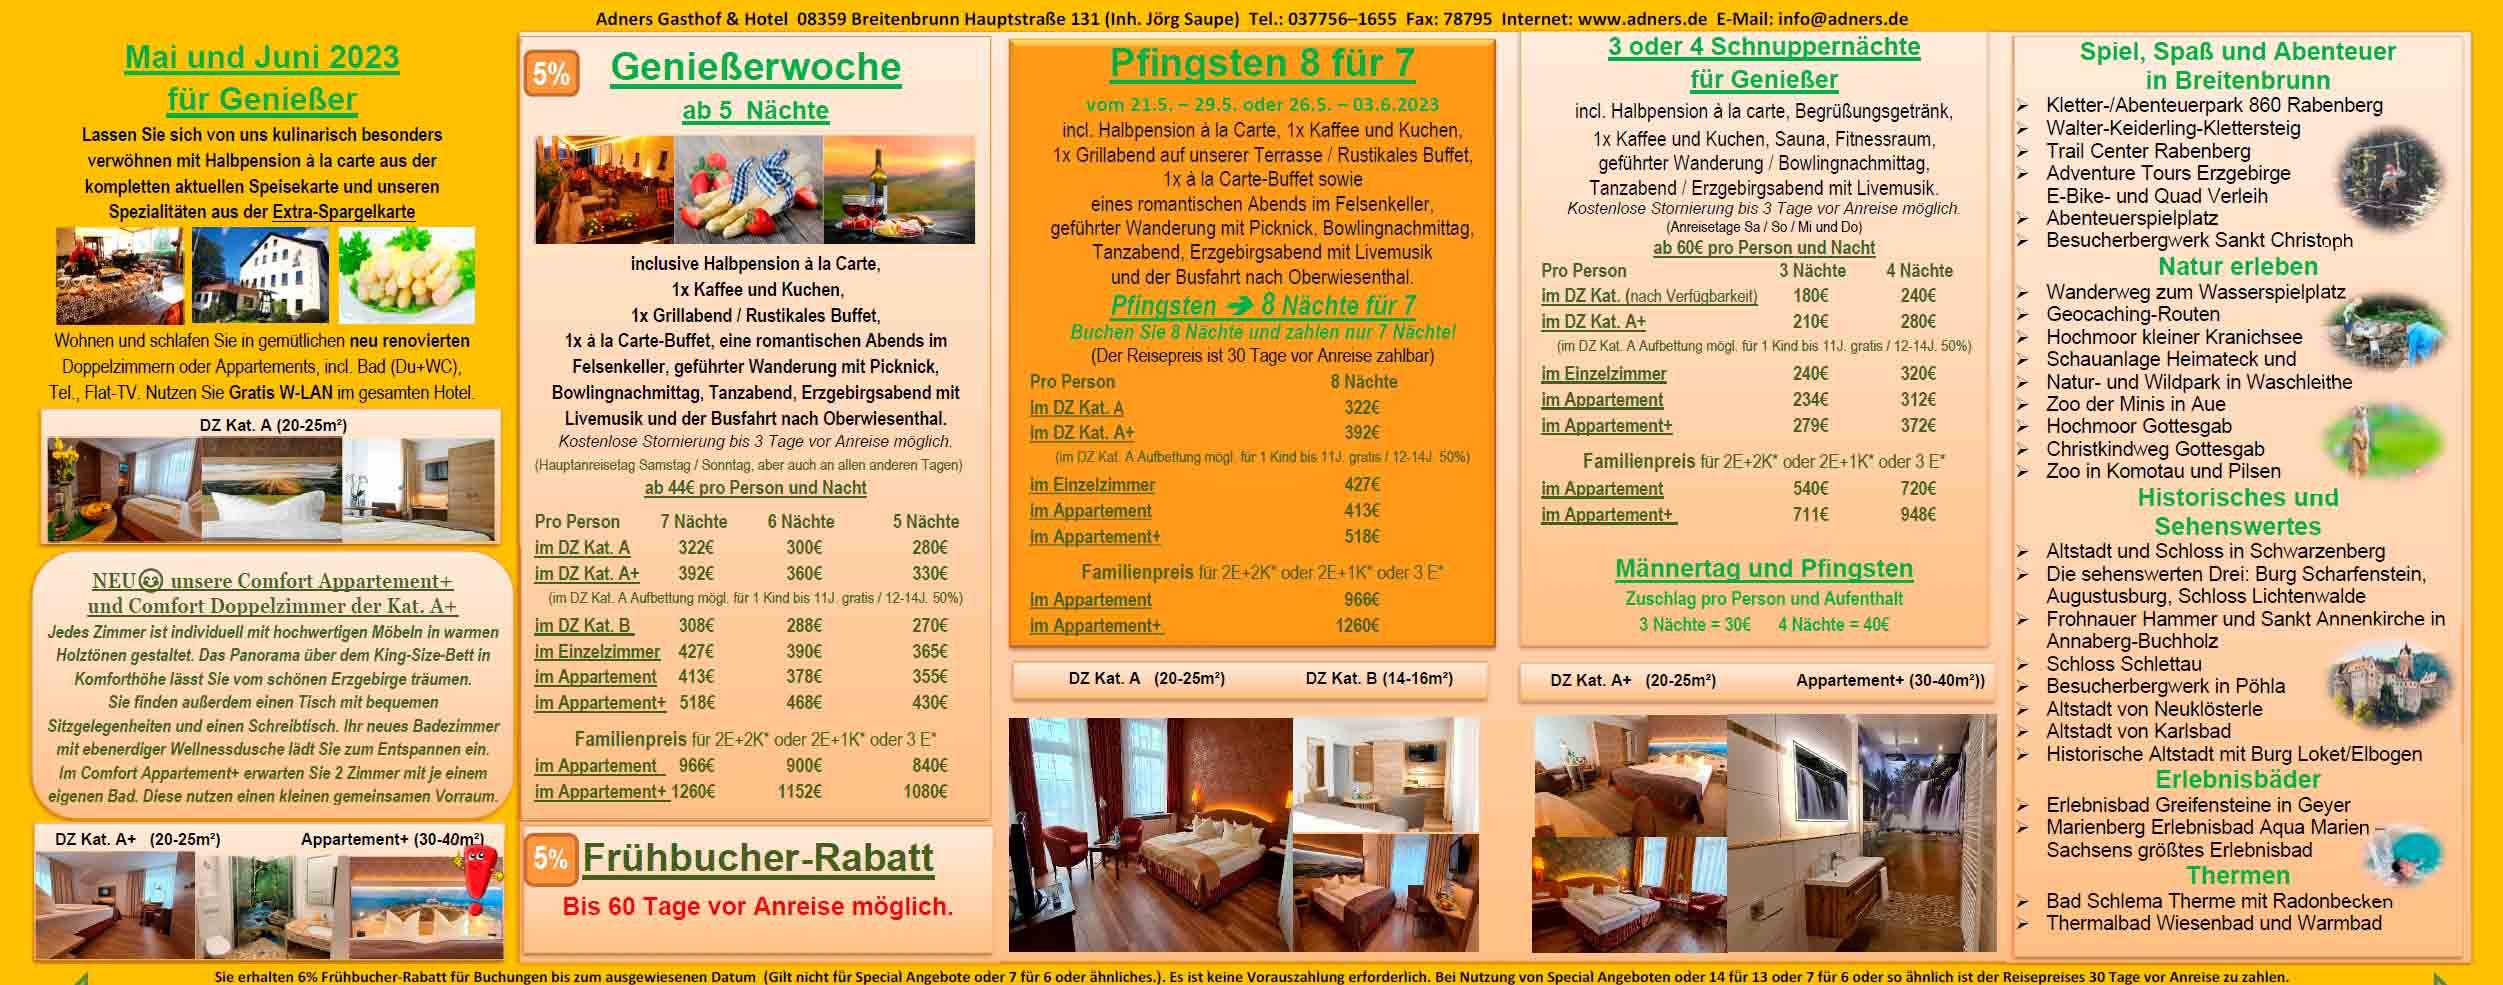 05_Adners_Gasthof_und_Hotel_Breitenbrunn_im_Erzgebirge_Lastminute_Angebot_Mai_und_Juni